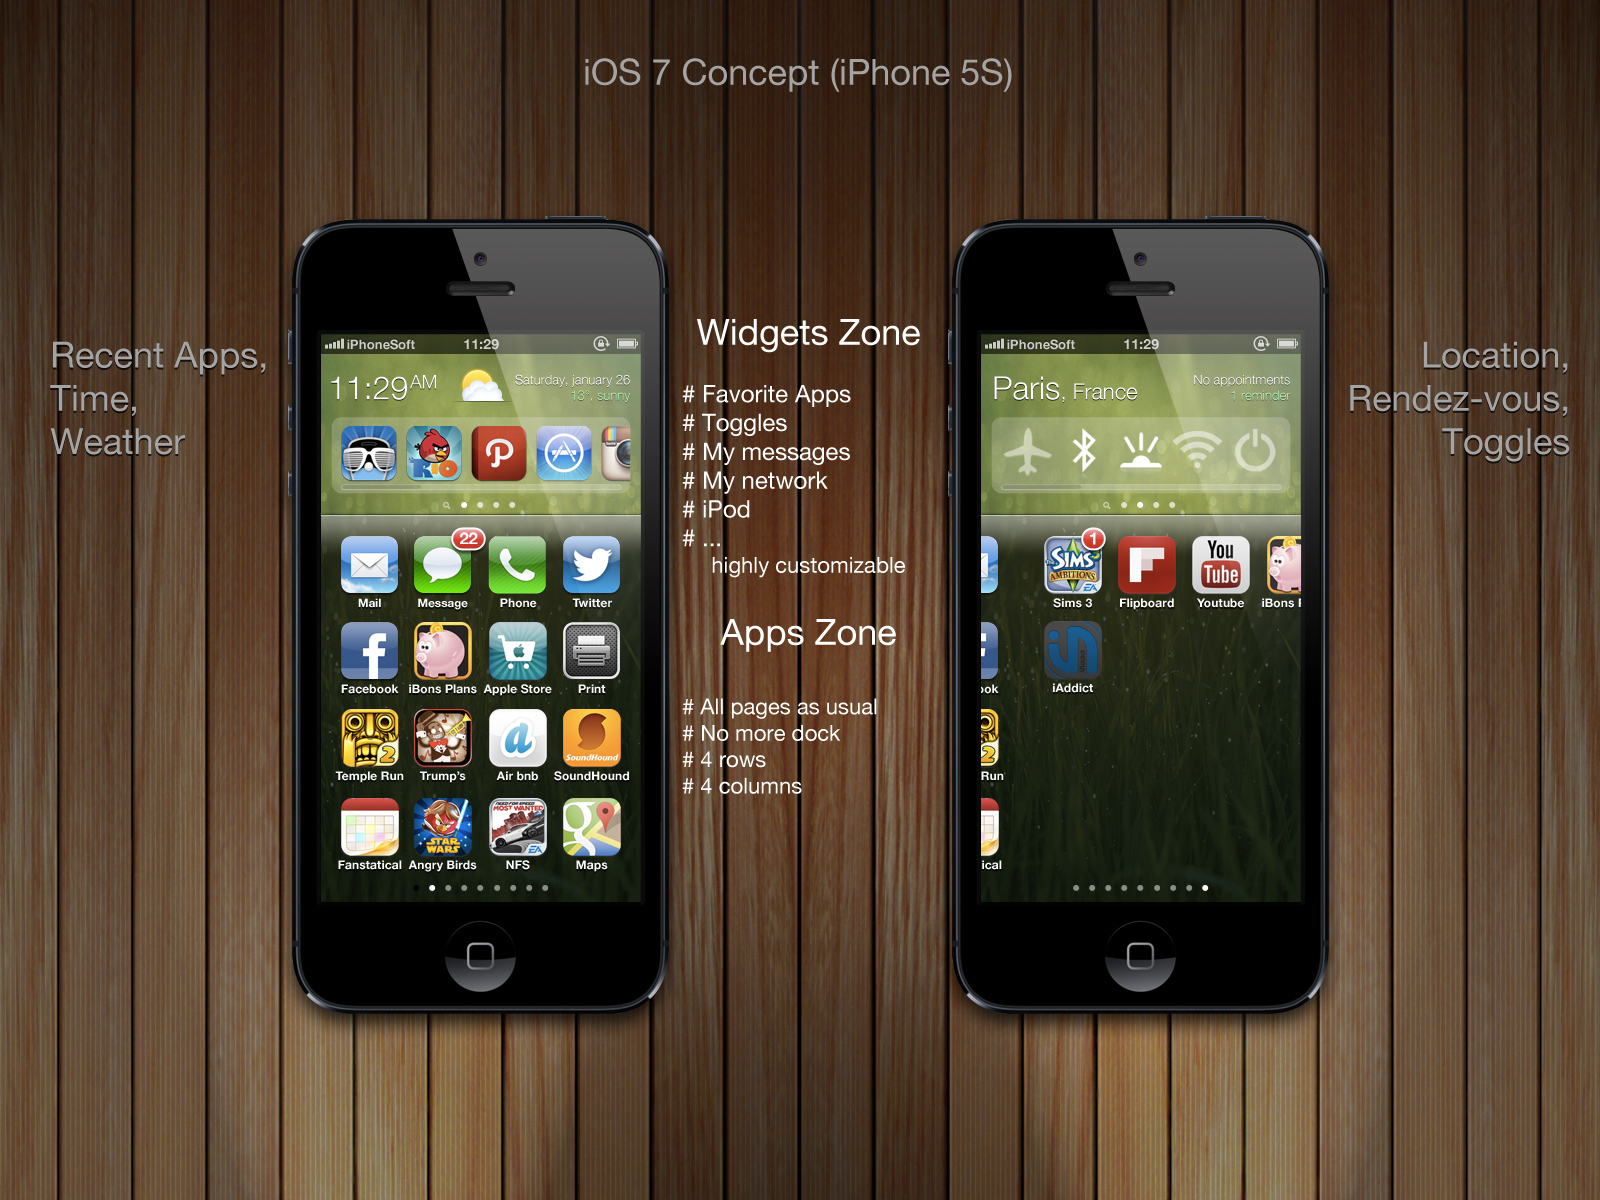 An iOS 7 concept